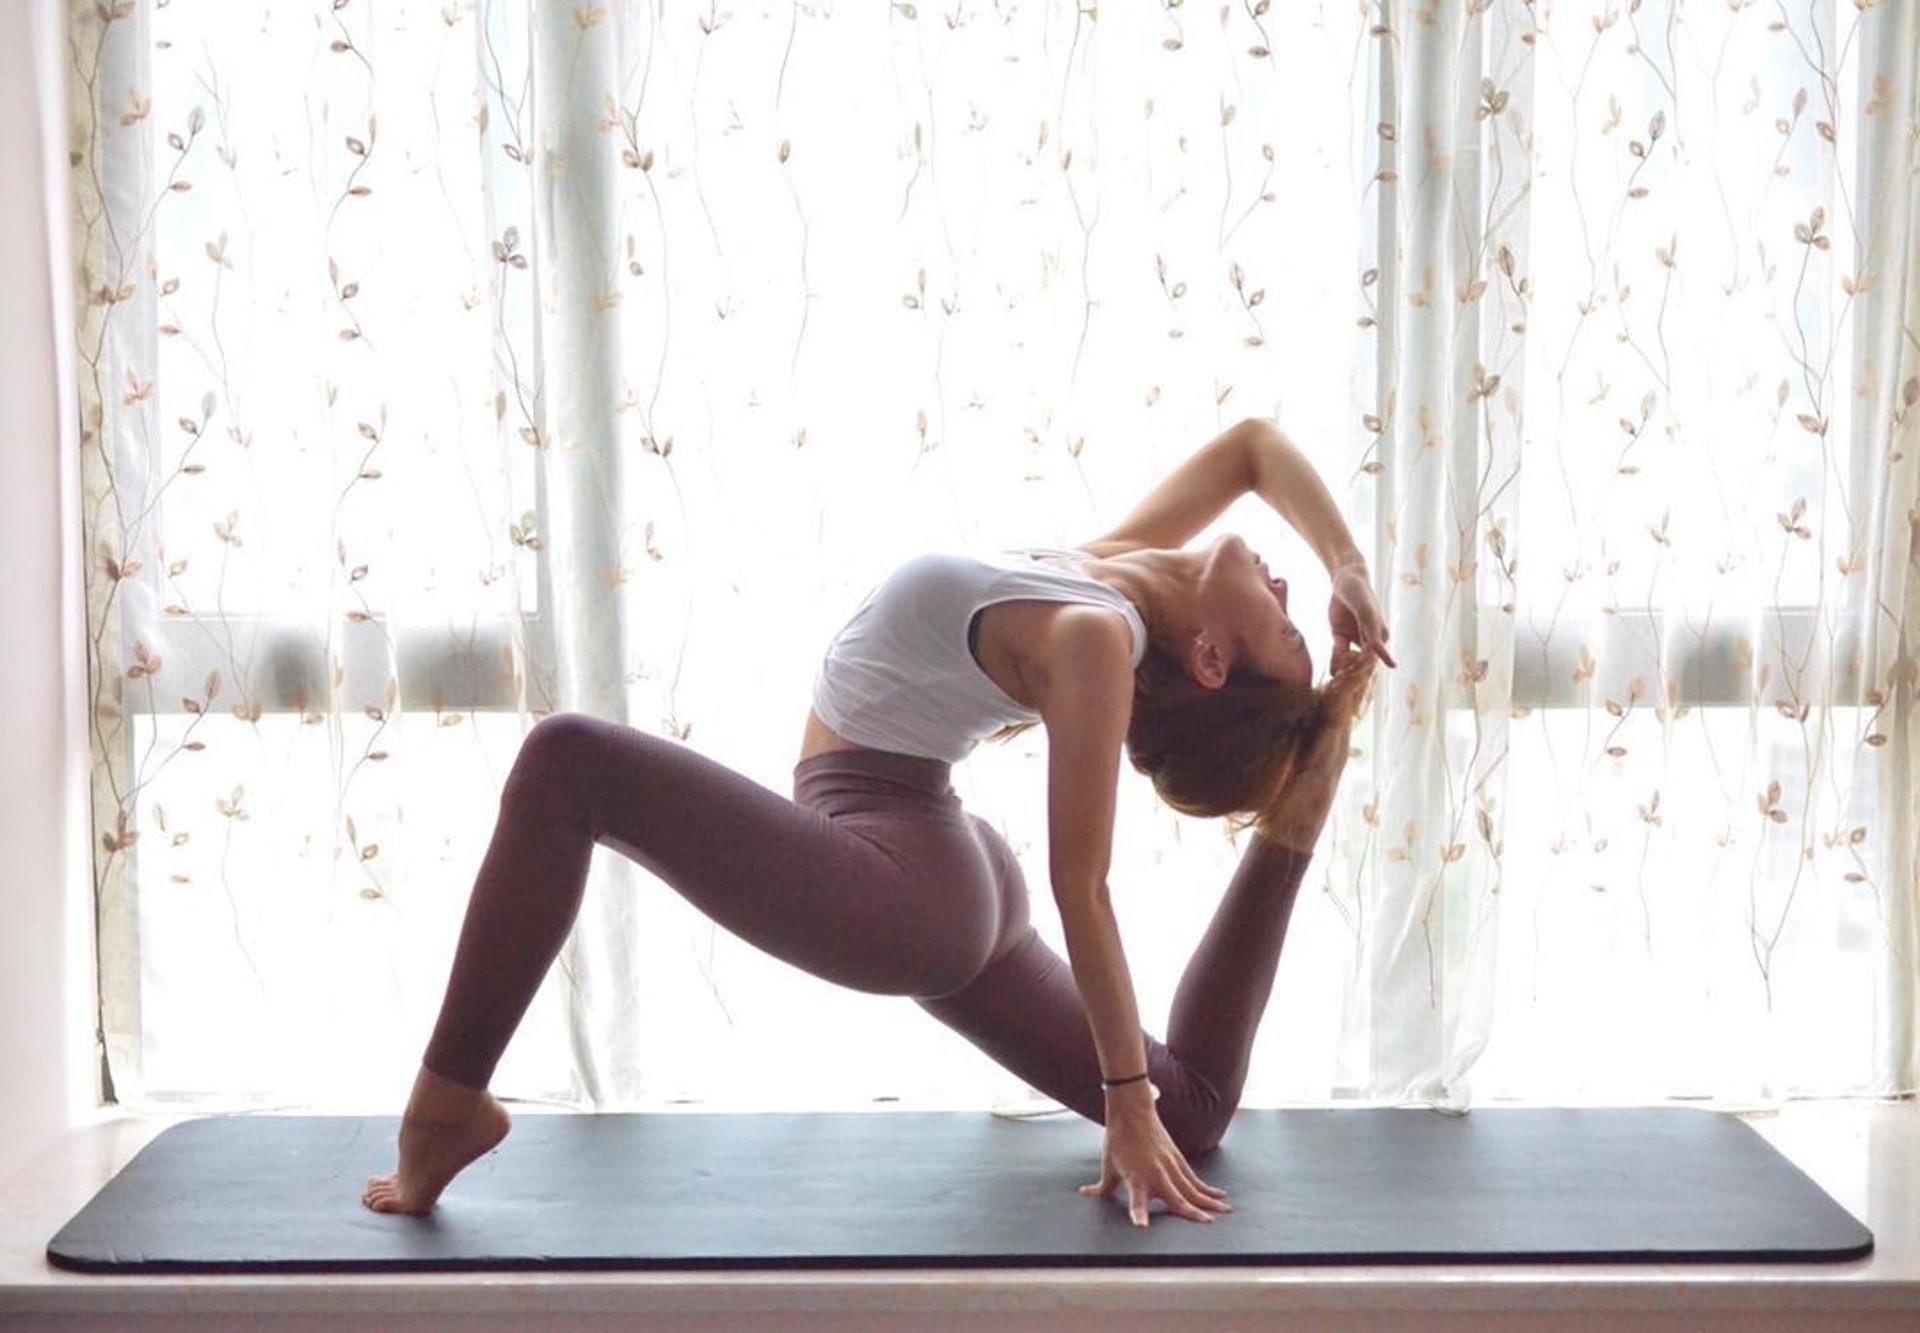 瑜伽玩得好勁